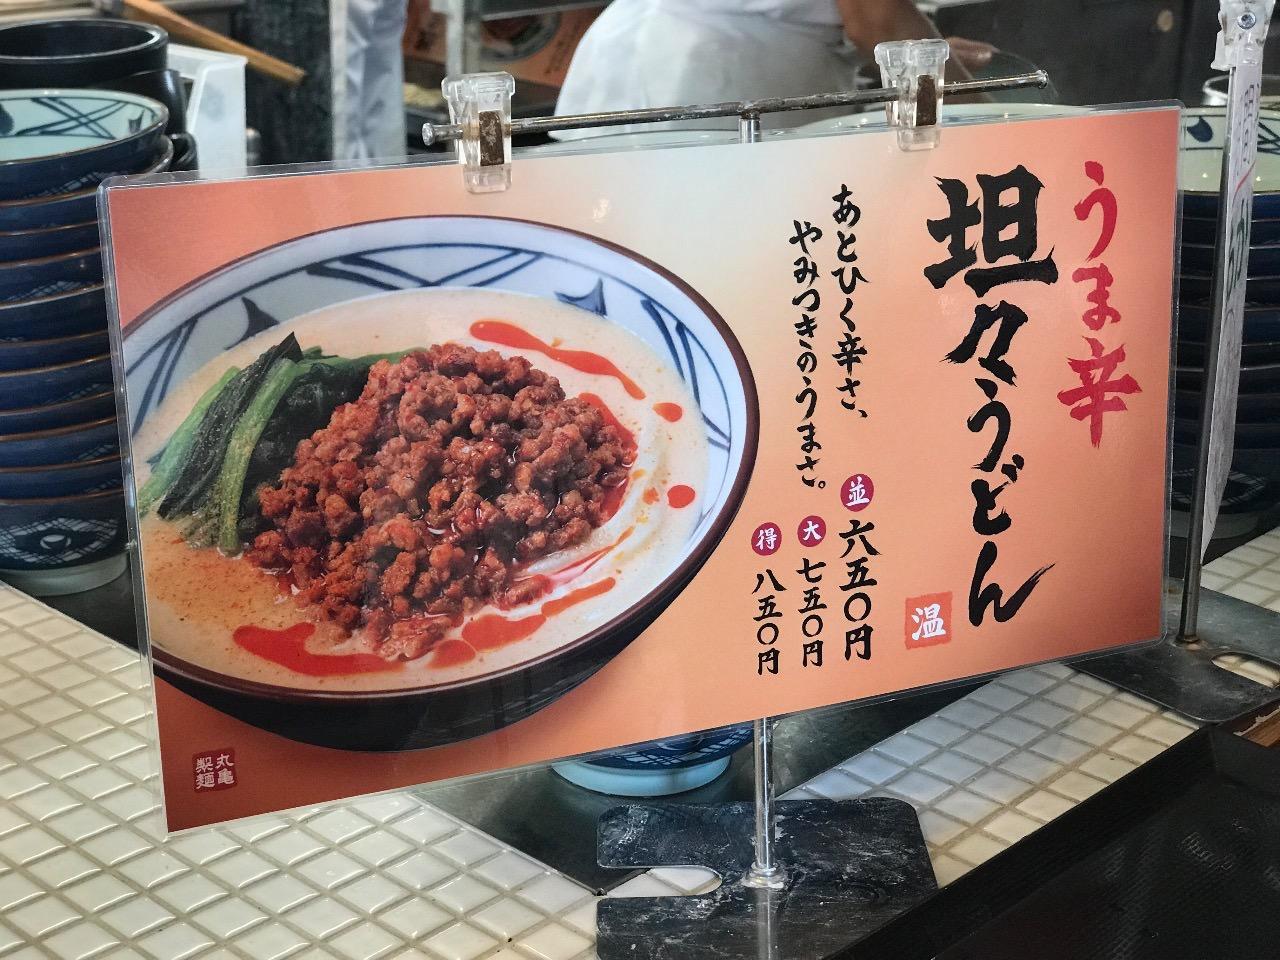 丸亀製麺「うま辛担々うどん」